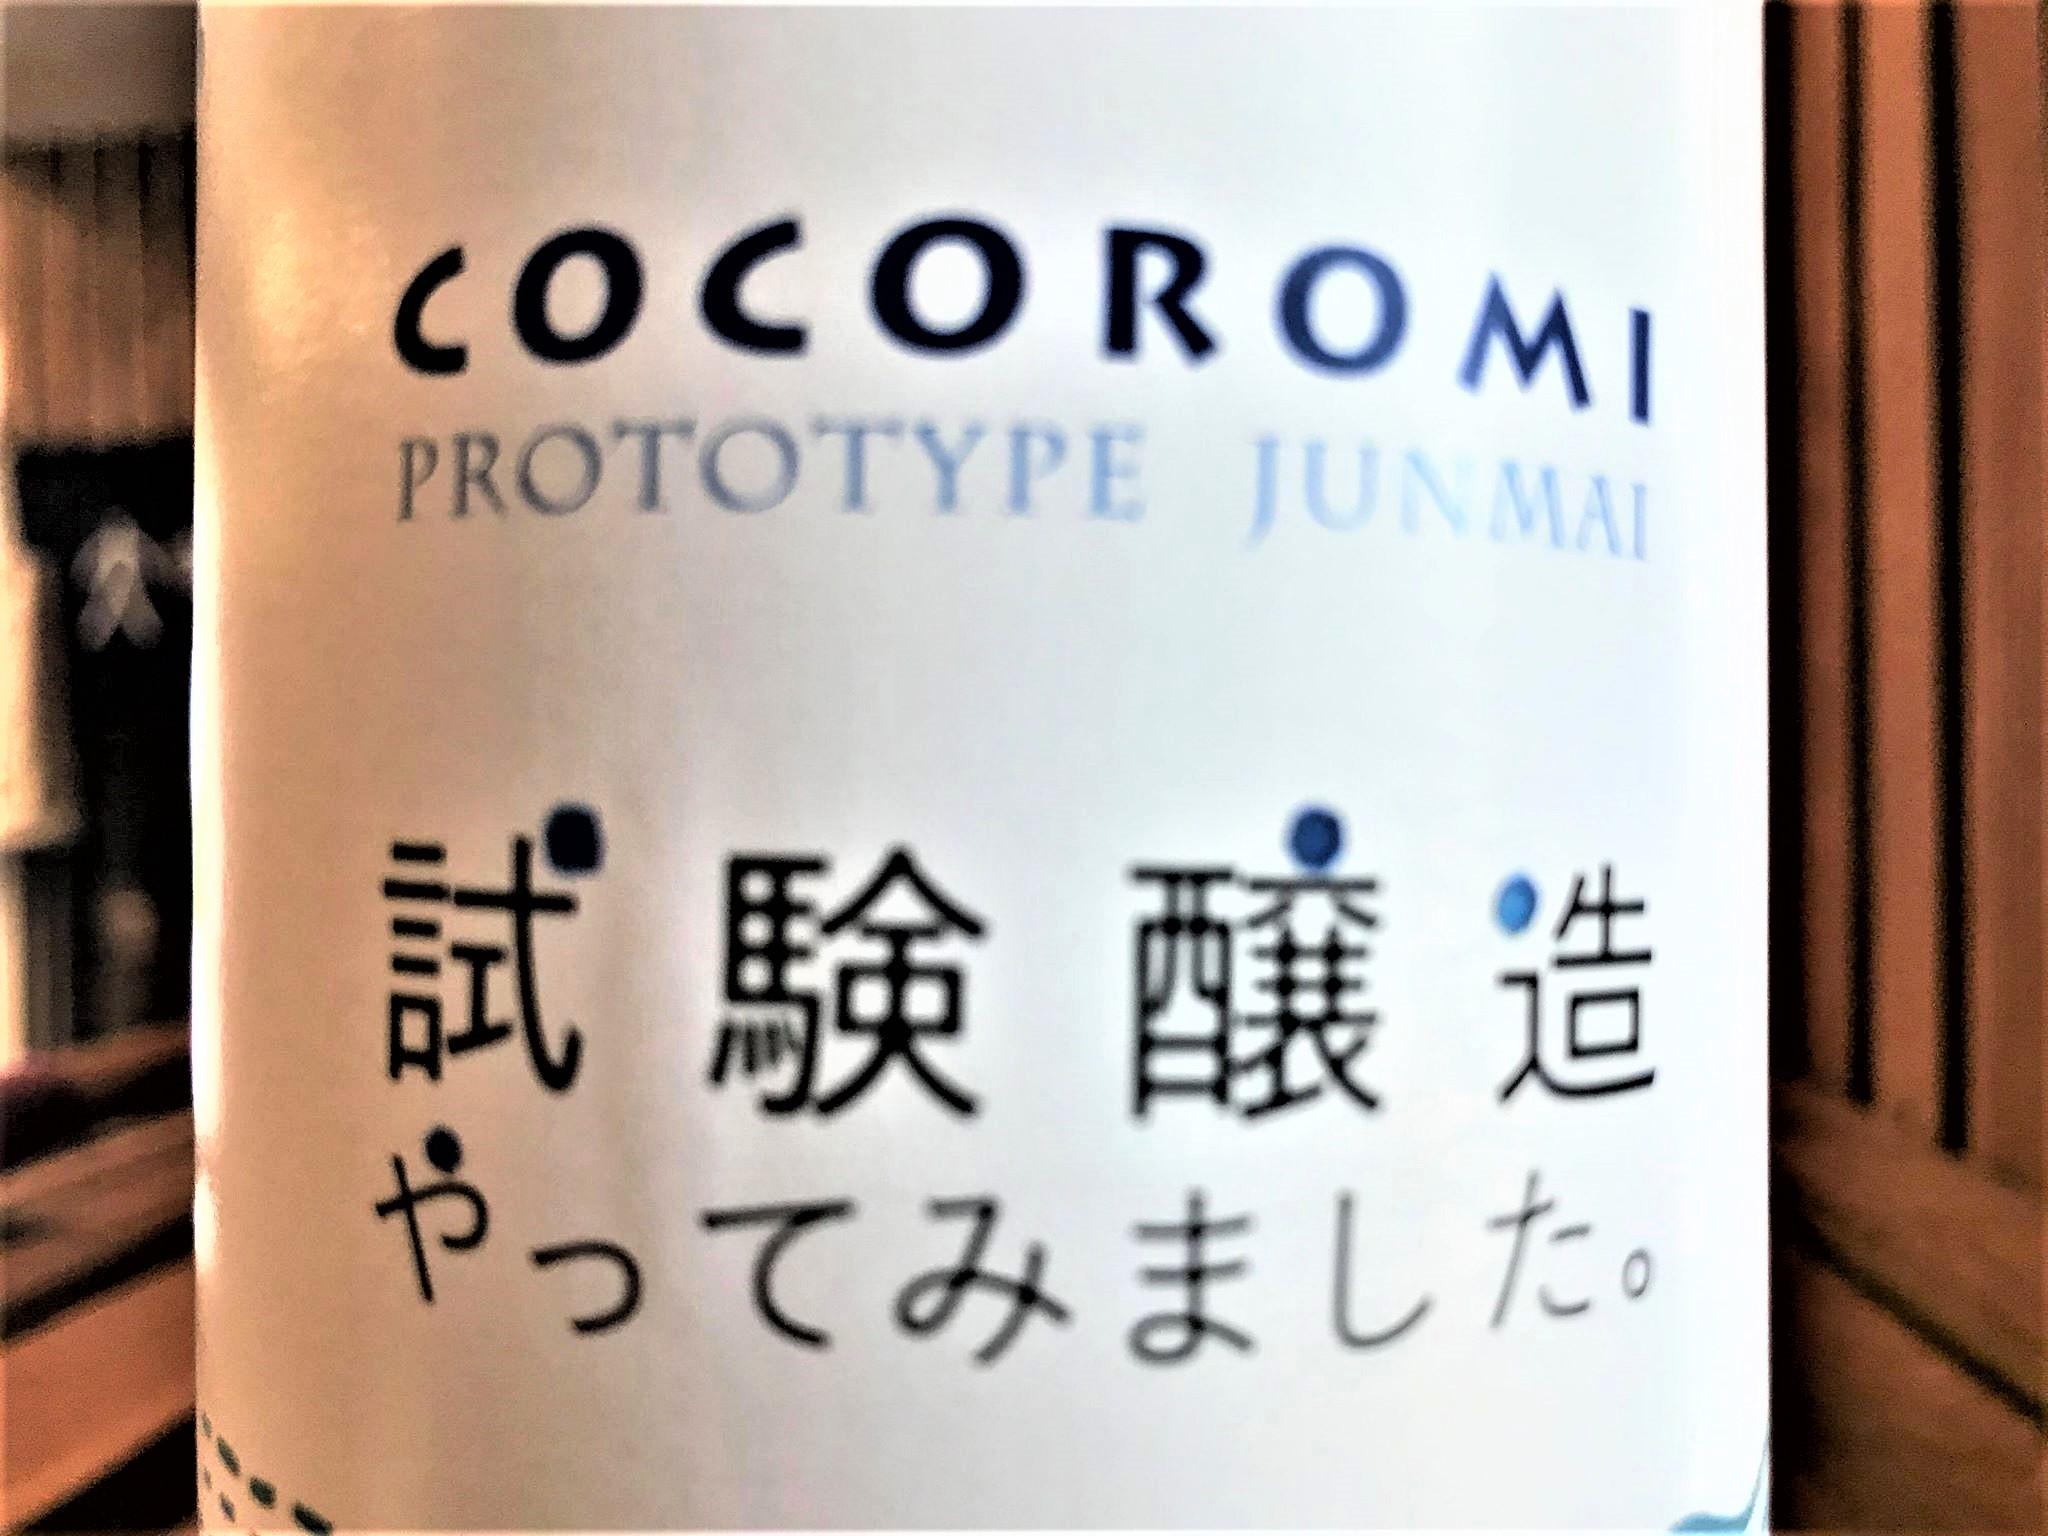 【日本酒】福司⭐番外編『COCOROMI』特別純米酒 きたしずく仕込み 厳選特約店限定SPver 令和1BY🆕_e0173738_9133839.jpg